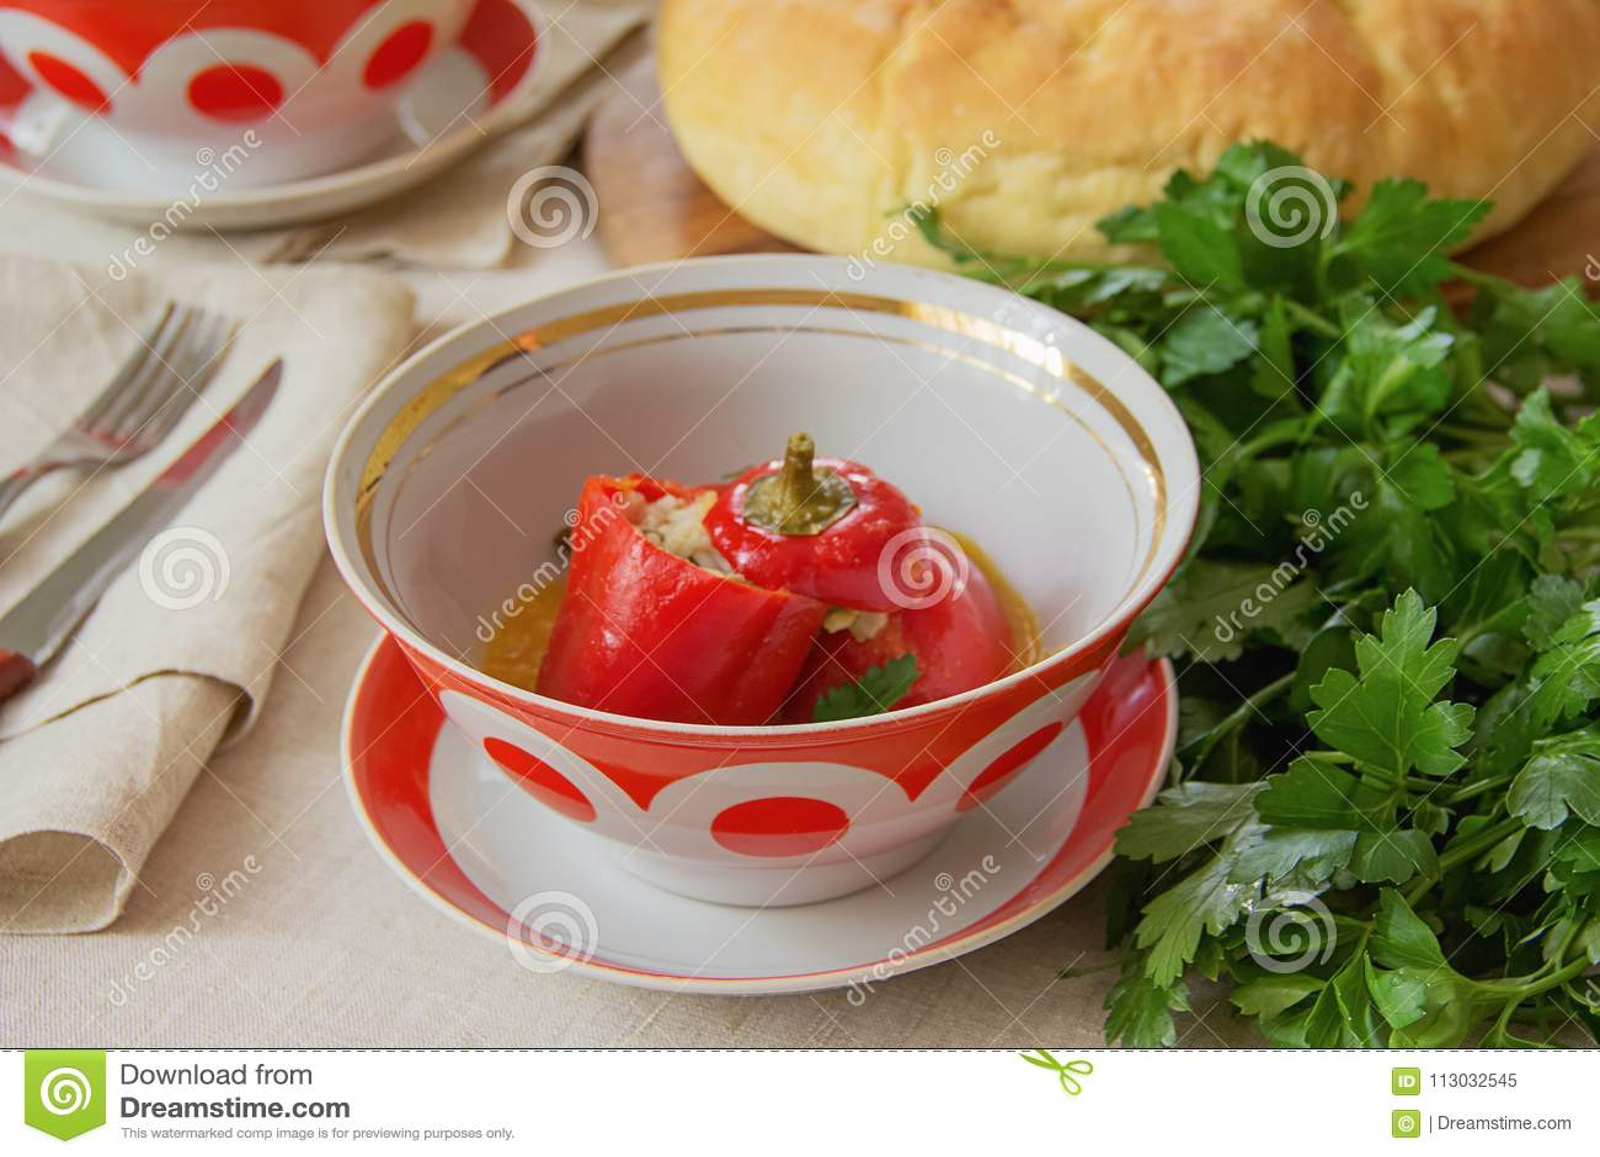 Pimienta rellena del dulce rojo de dos pimientas rellenas